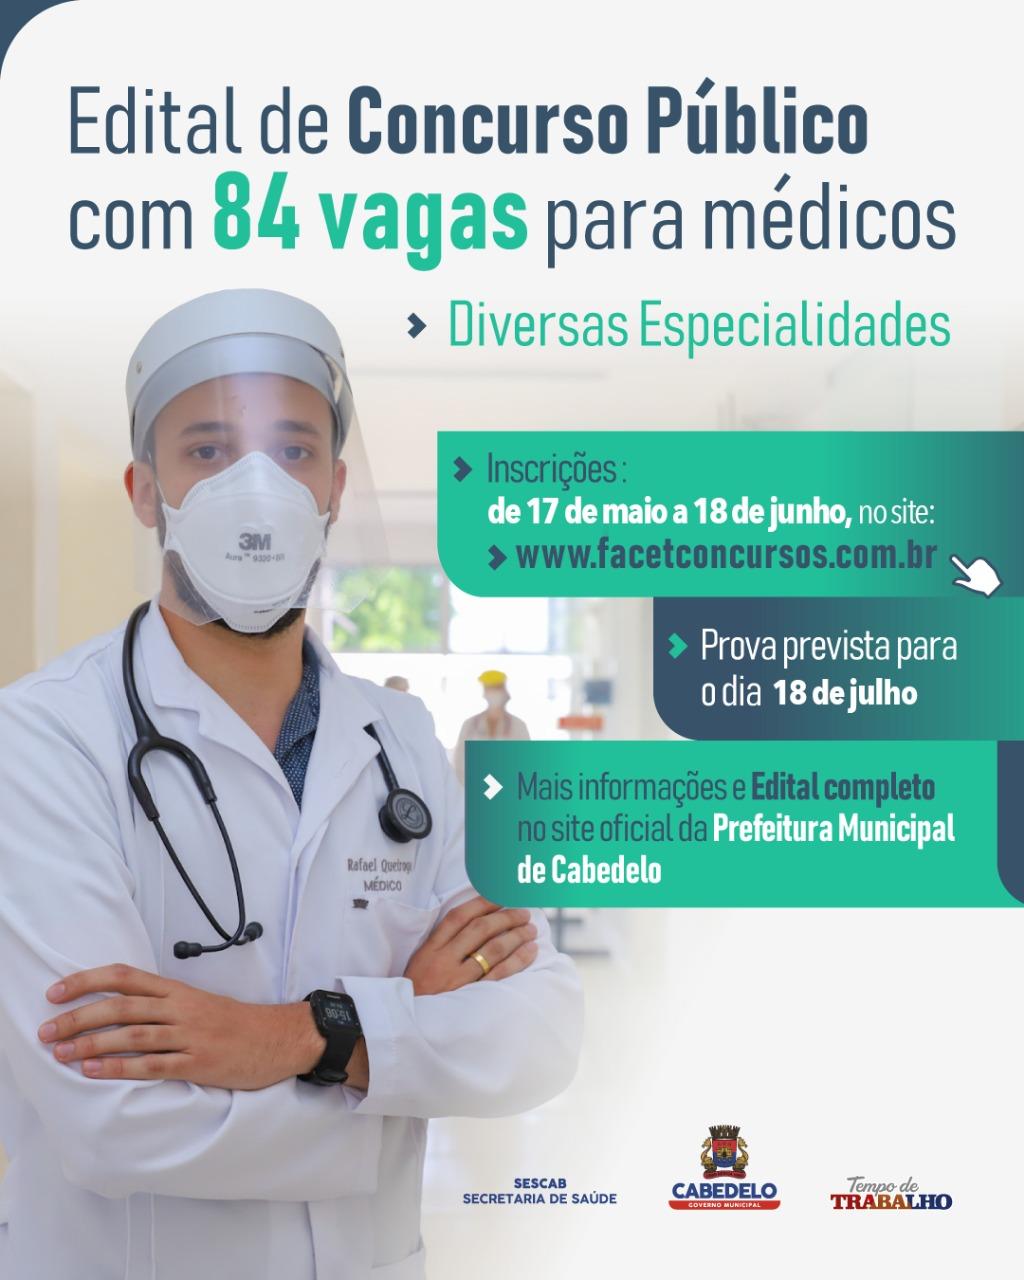 Prefeitura de Cabedelo lança edital de Concurso Público com 84 vagas para médicos